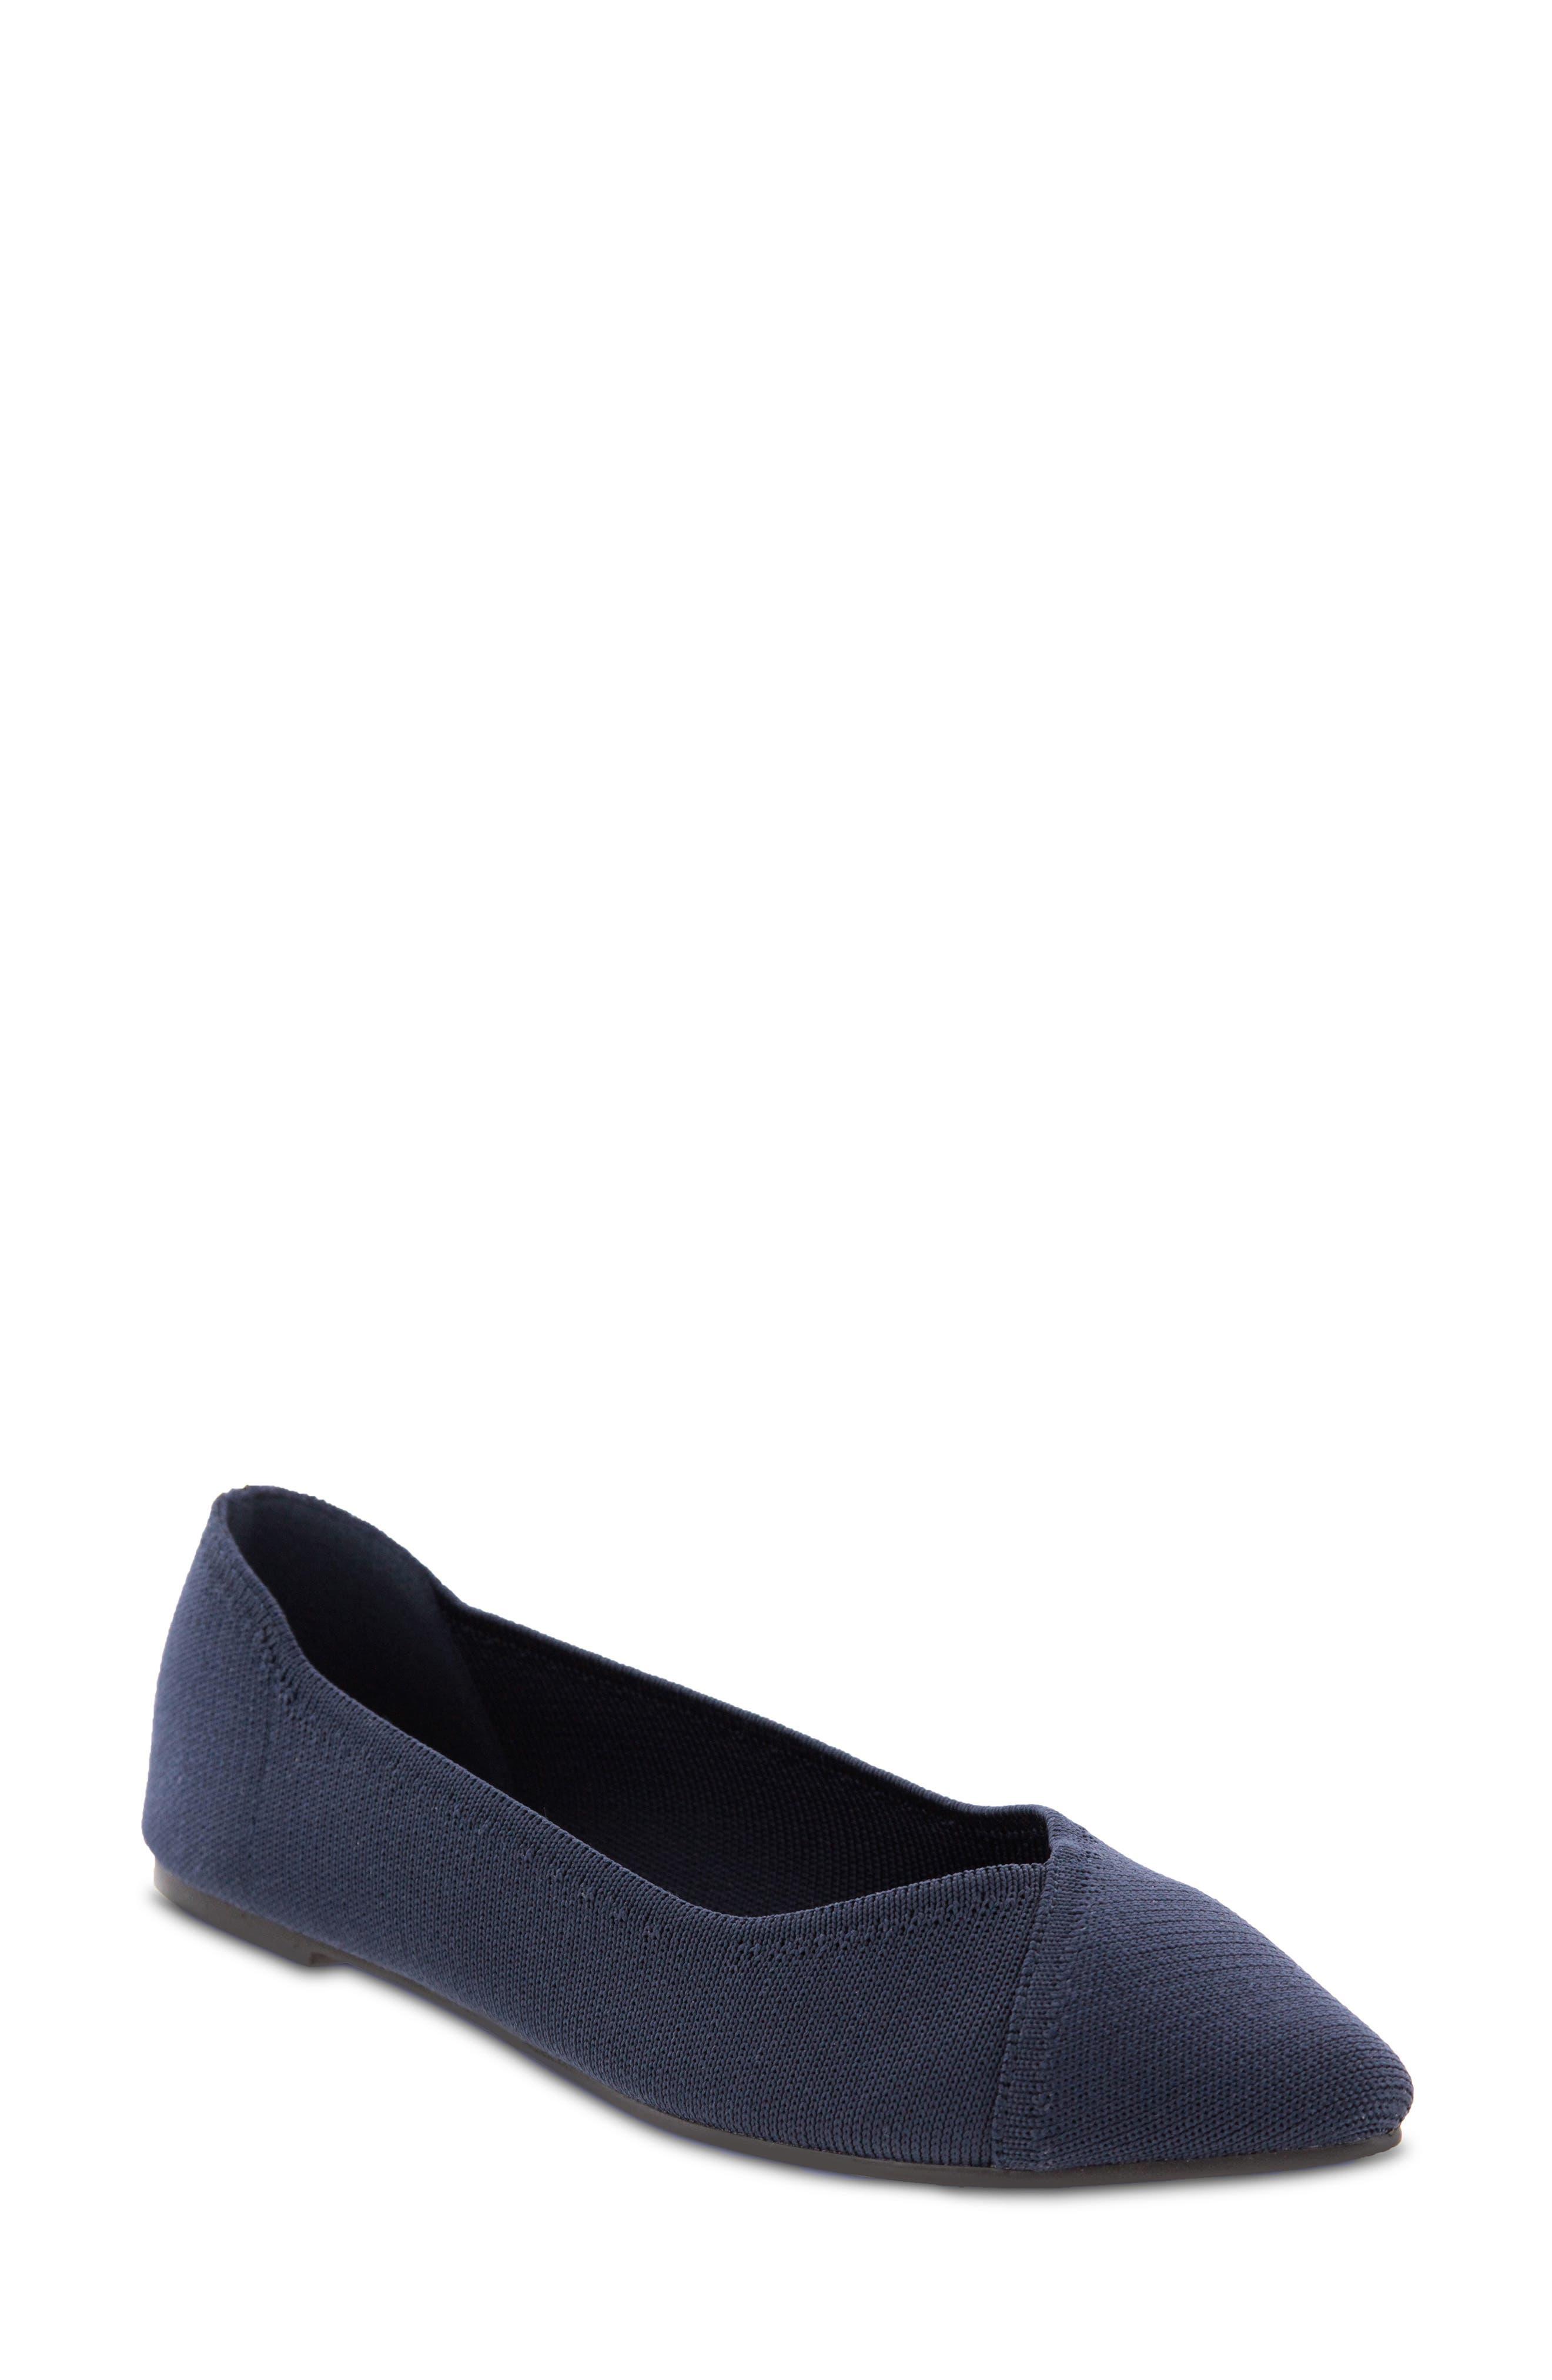 Elanna Knit Flat